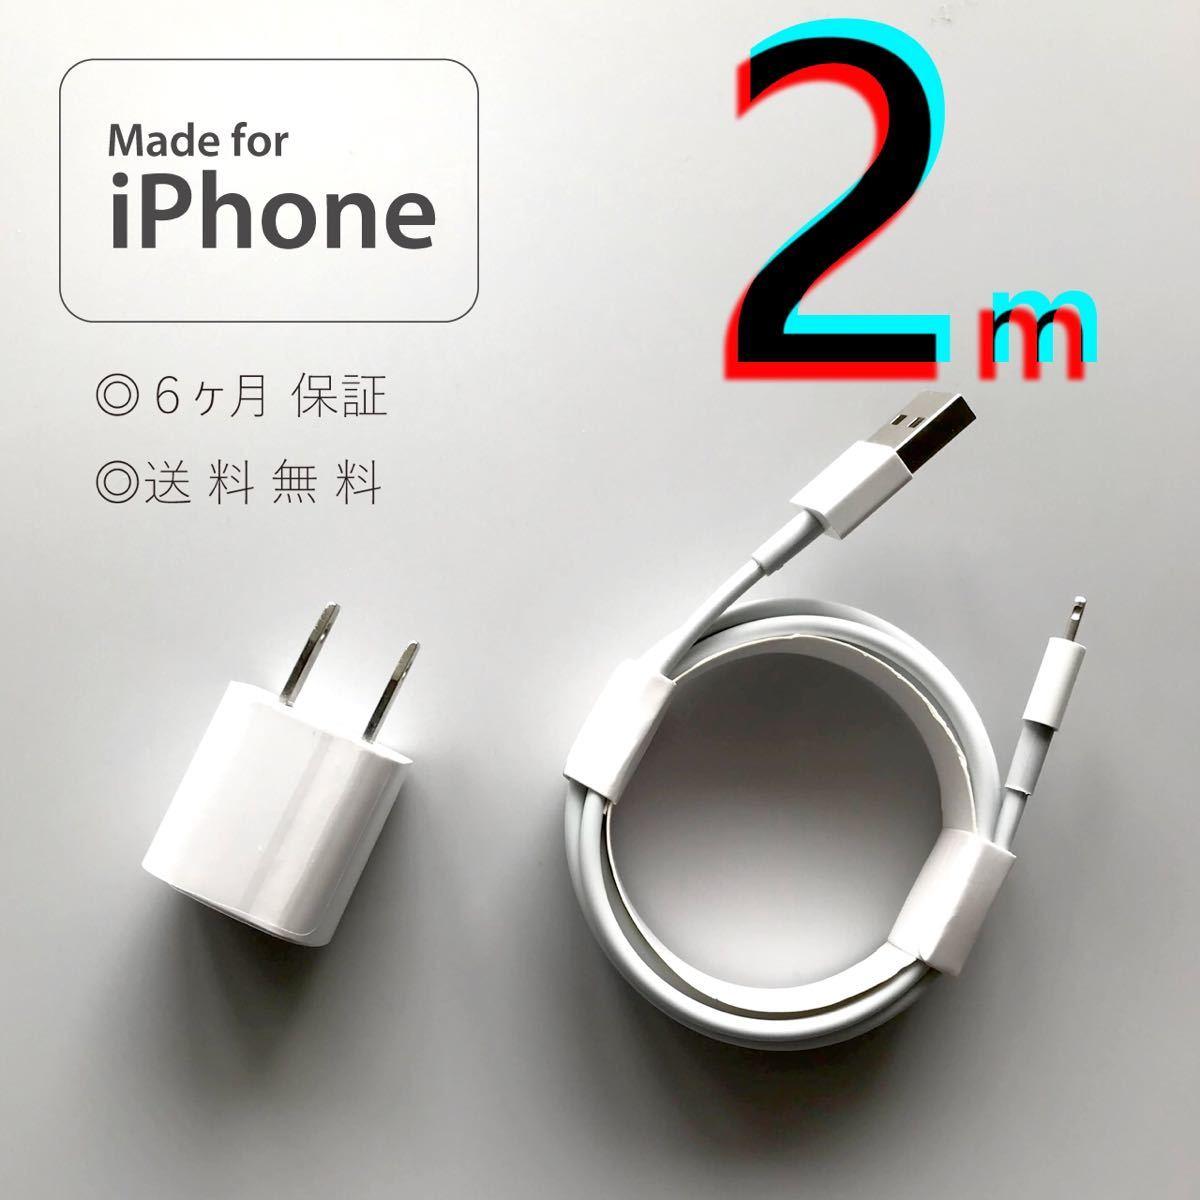 iPhone 充電器 充電ケーブル コード lightning cable ライトニングケーブル 電源  USB 格安 セール